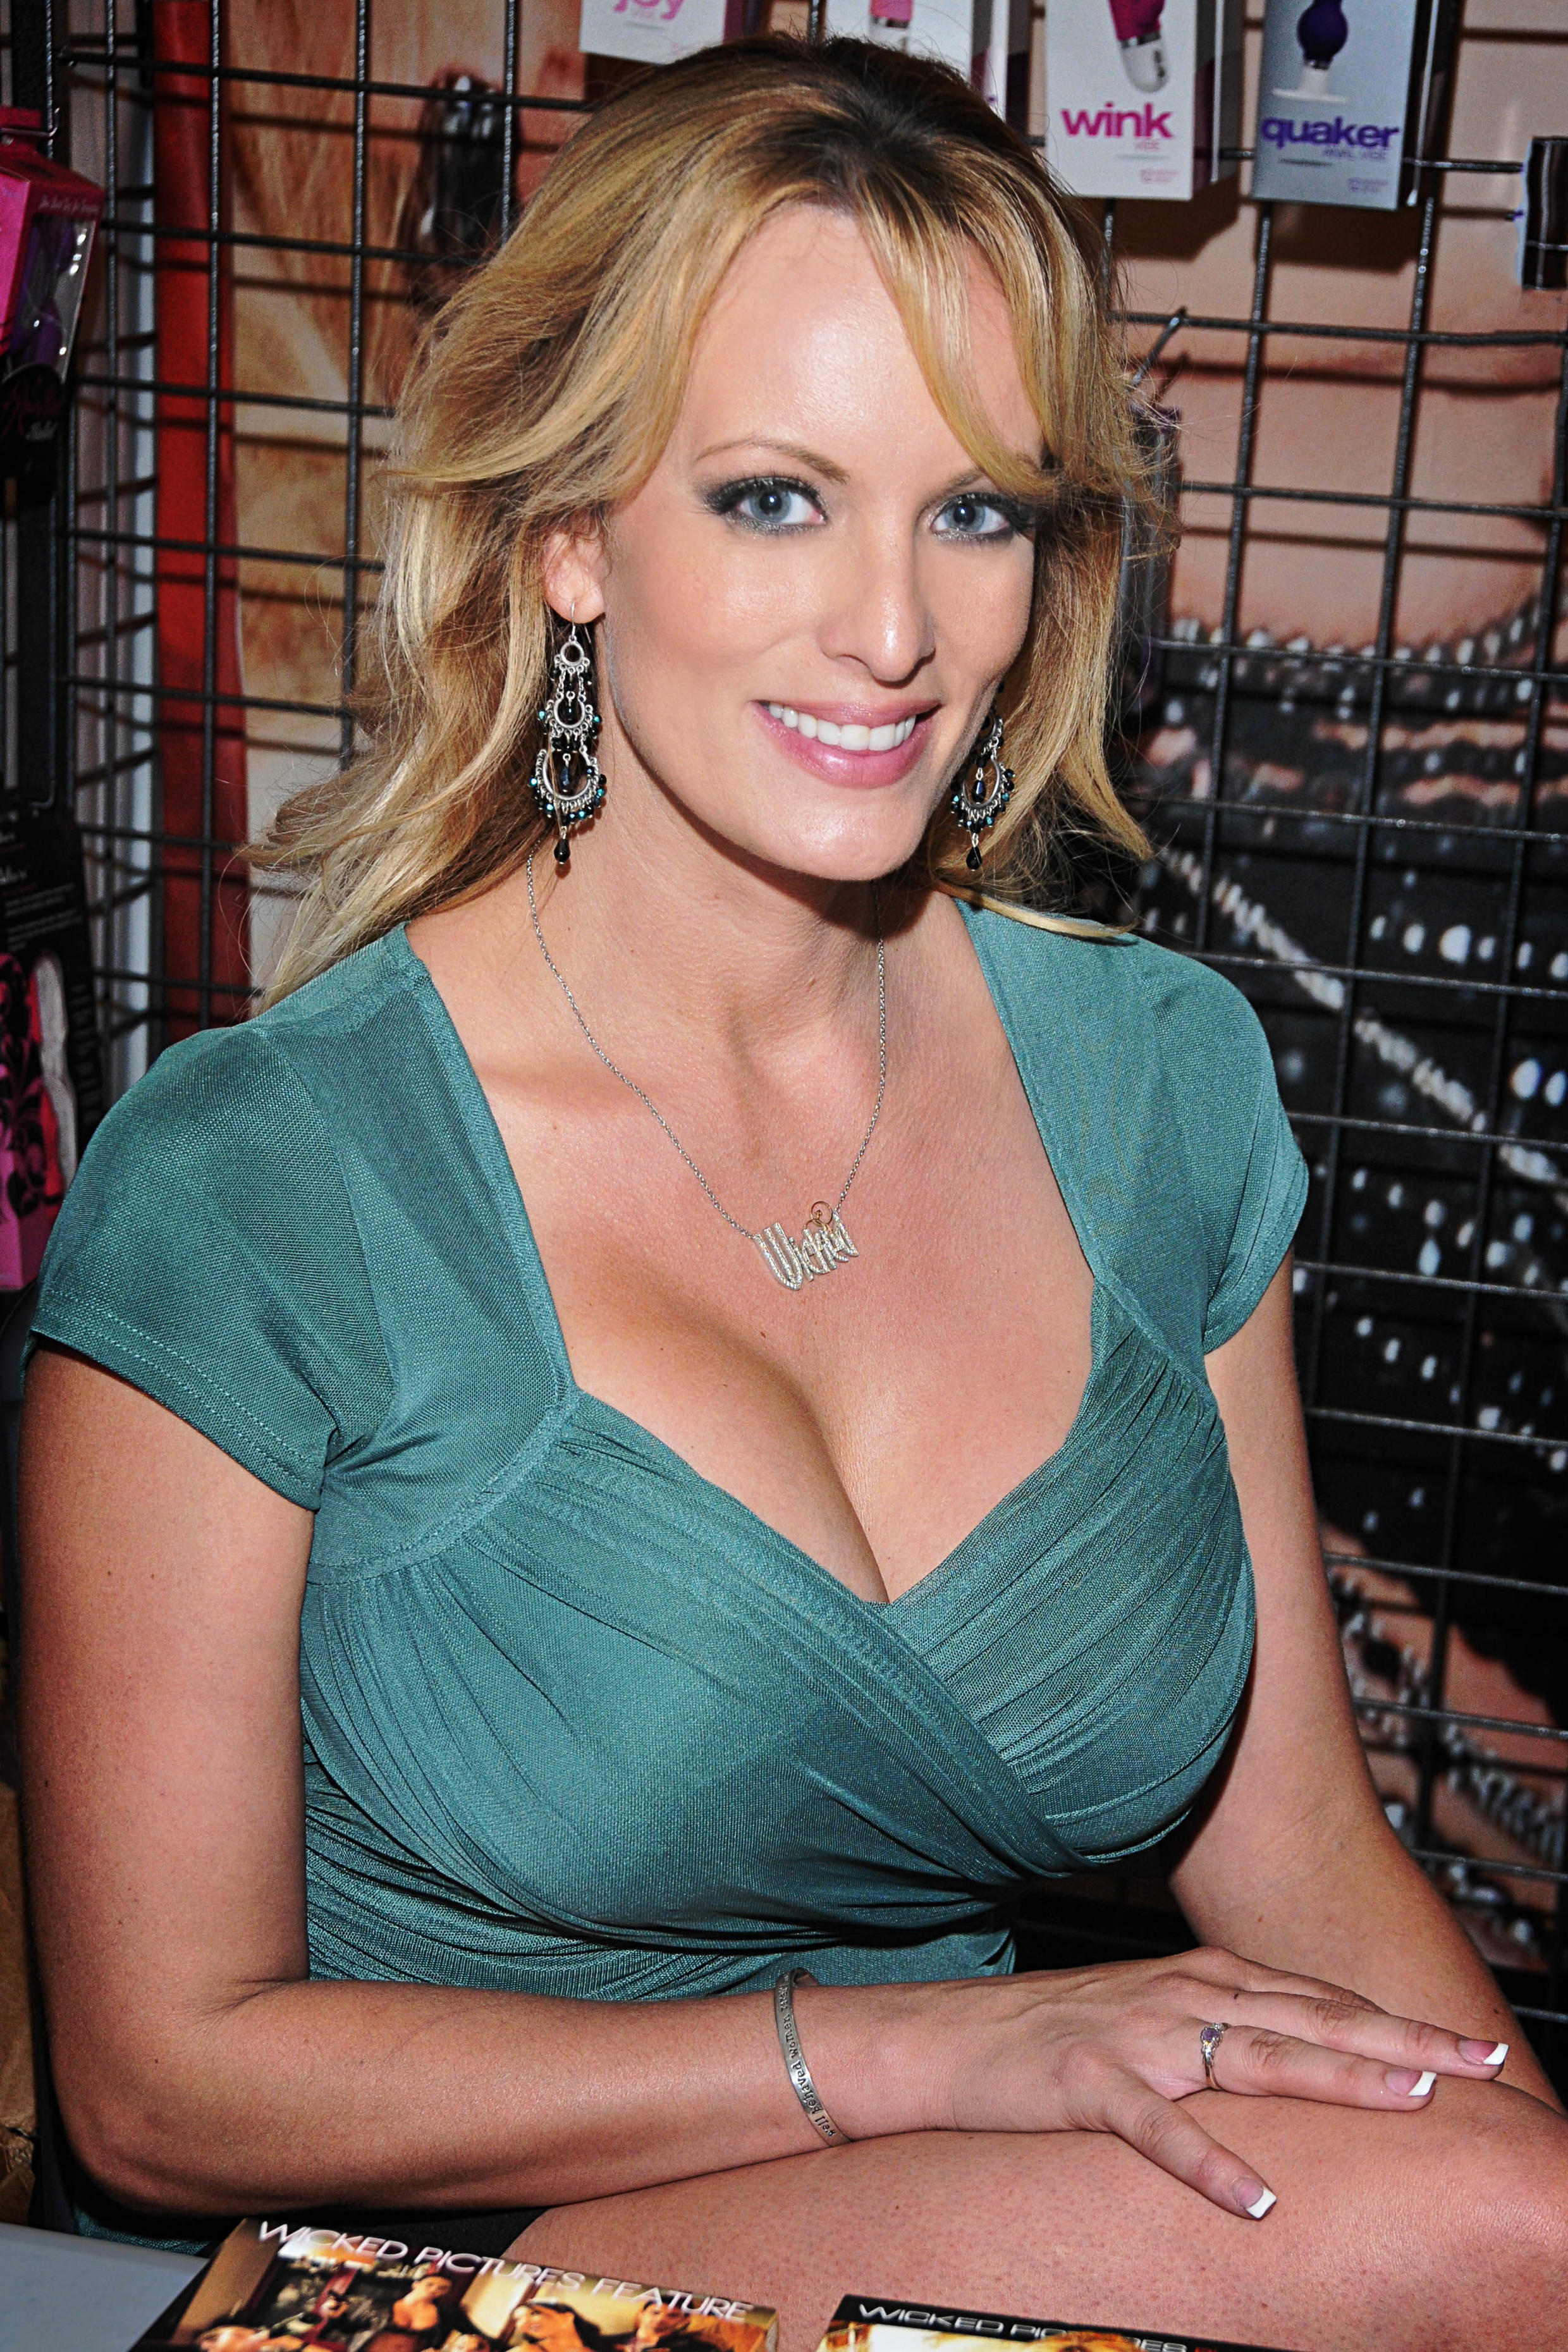 A atriz, cujo nome real é Stephanie Clifford mas é conhecida na indústria pornográfica como Stormy Daniels.